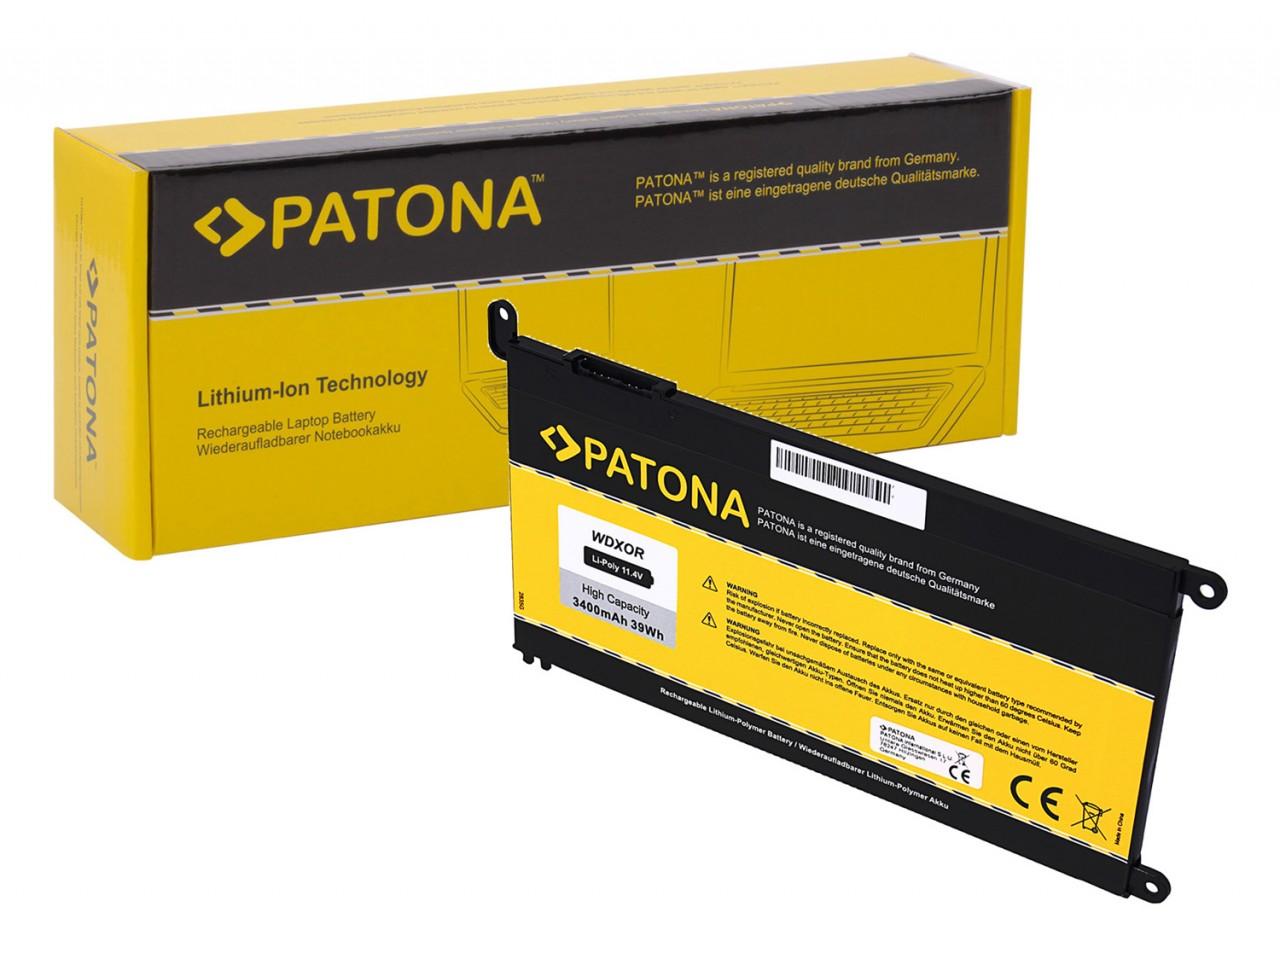 PATONA Battery f. Dell WDXOR Inspiron 13 5638 5378 5379 7368